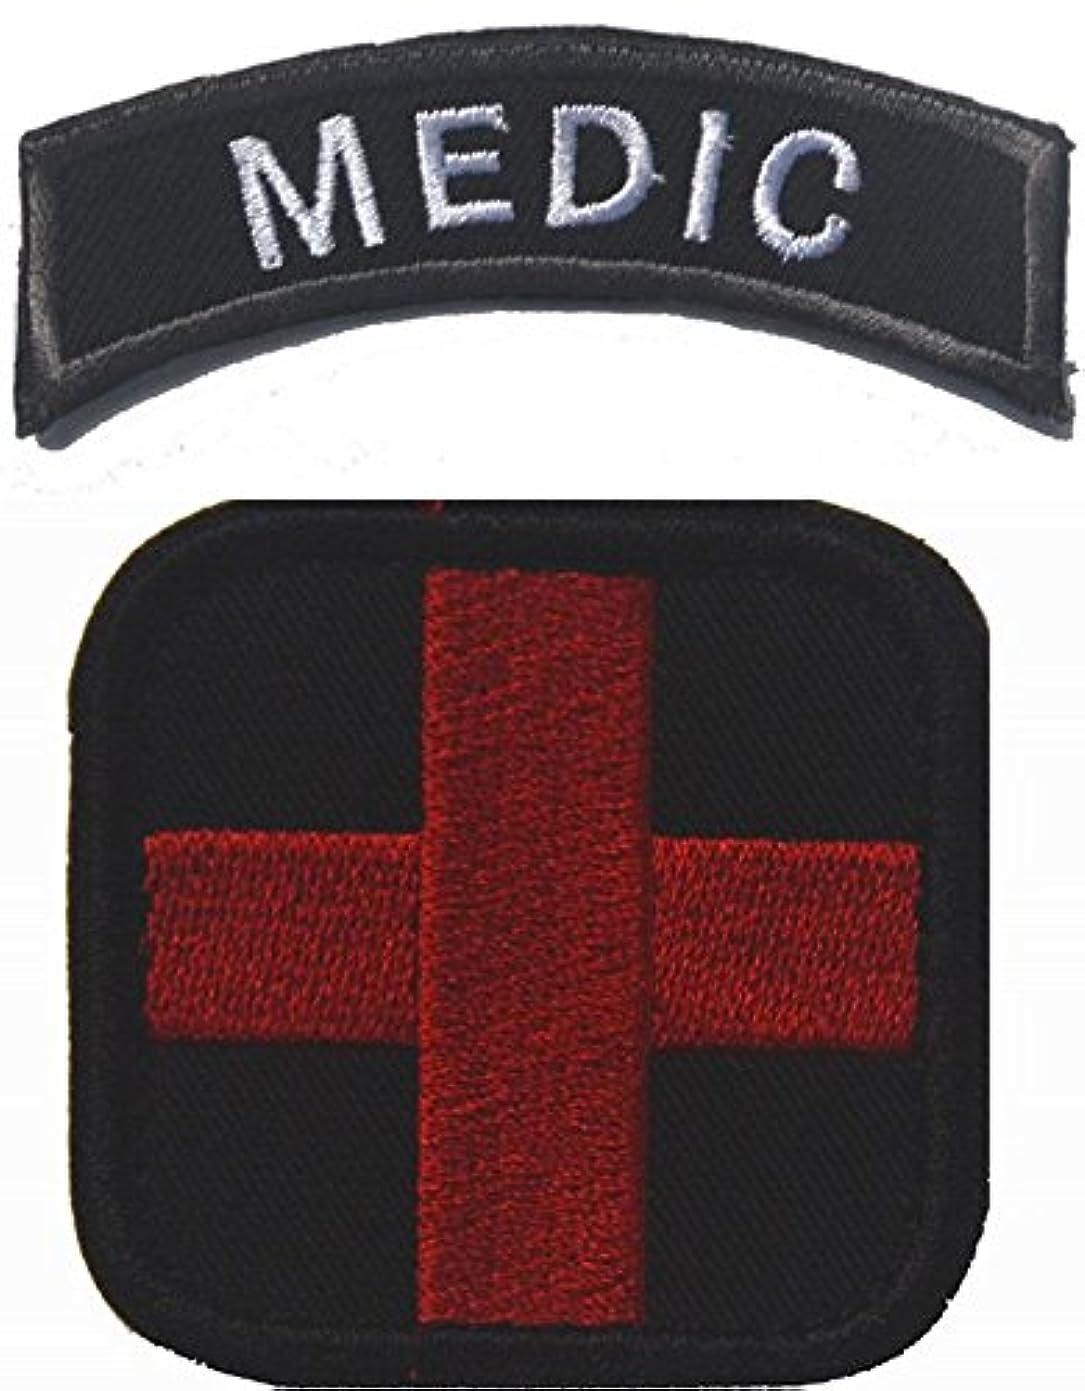 野望そこ処分した2点セット MEDIC メディック 着脱式 ベルクロワッペン (ブラック)